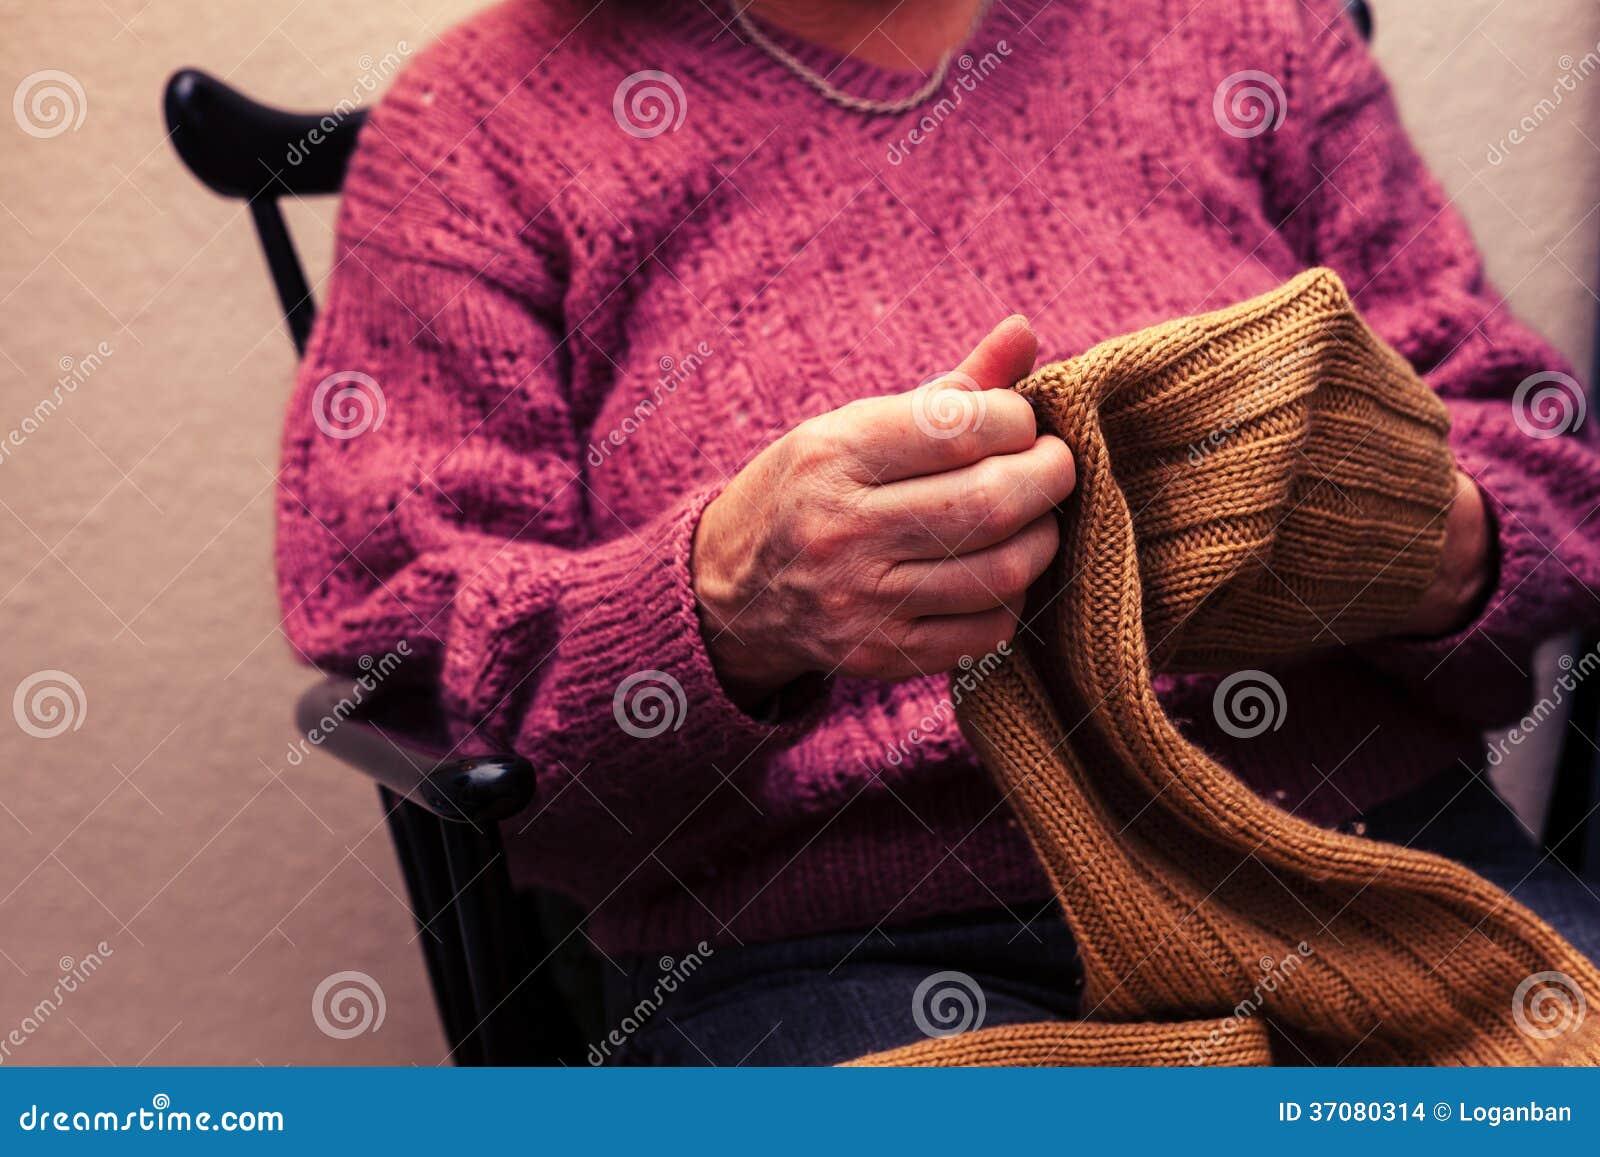 Download Stara Kobieta Naprawia Bluzę W Domu Zdjęcie Stock - Obraz złożonej z zbliżenie, igła: 37080314